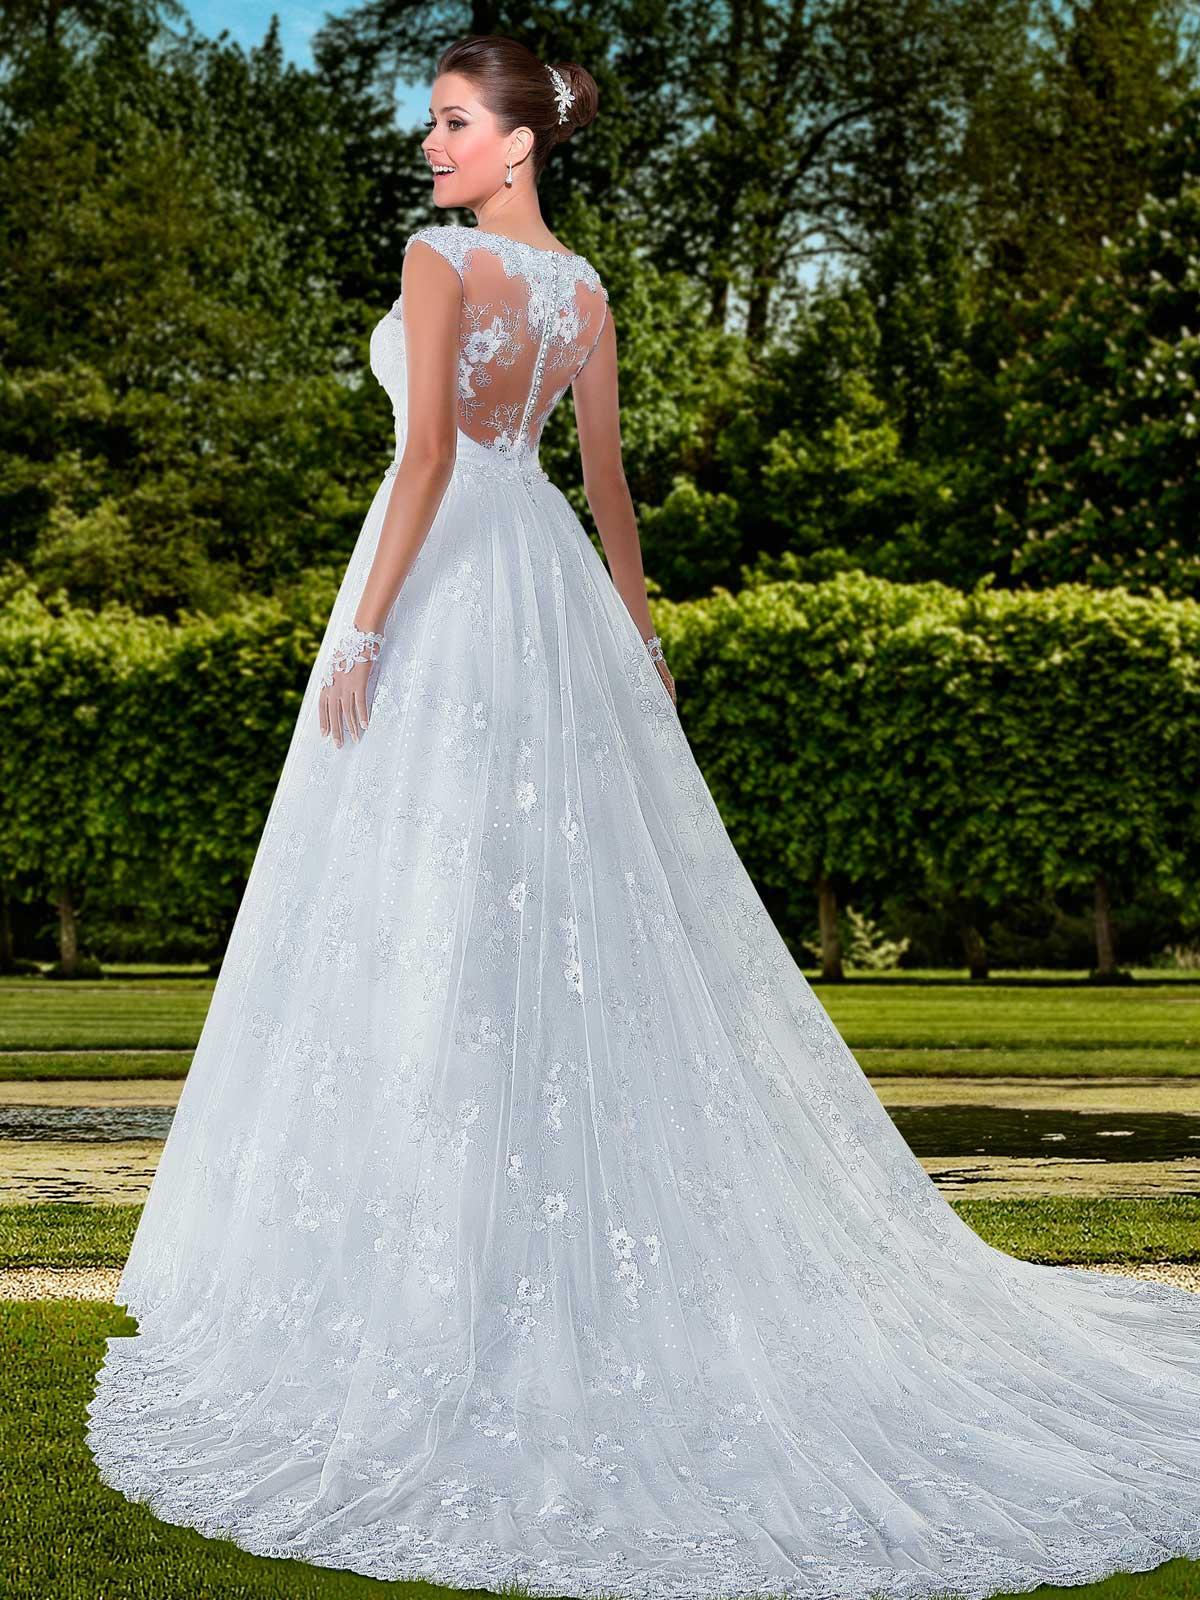 Fancy Vestidos De Novia Molins De Rei Motif - All Wedding Dresses ...